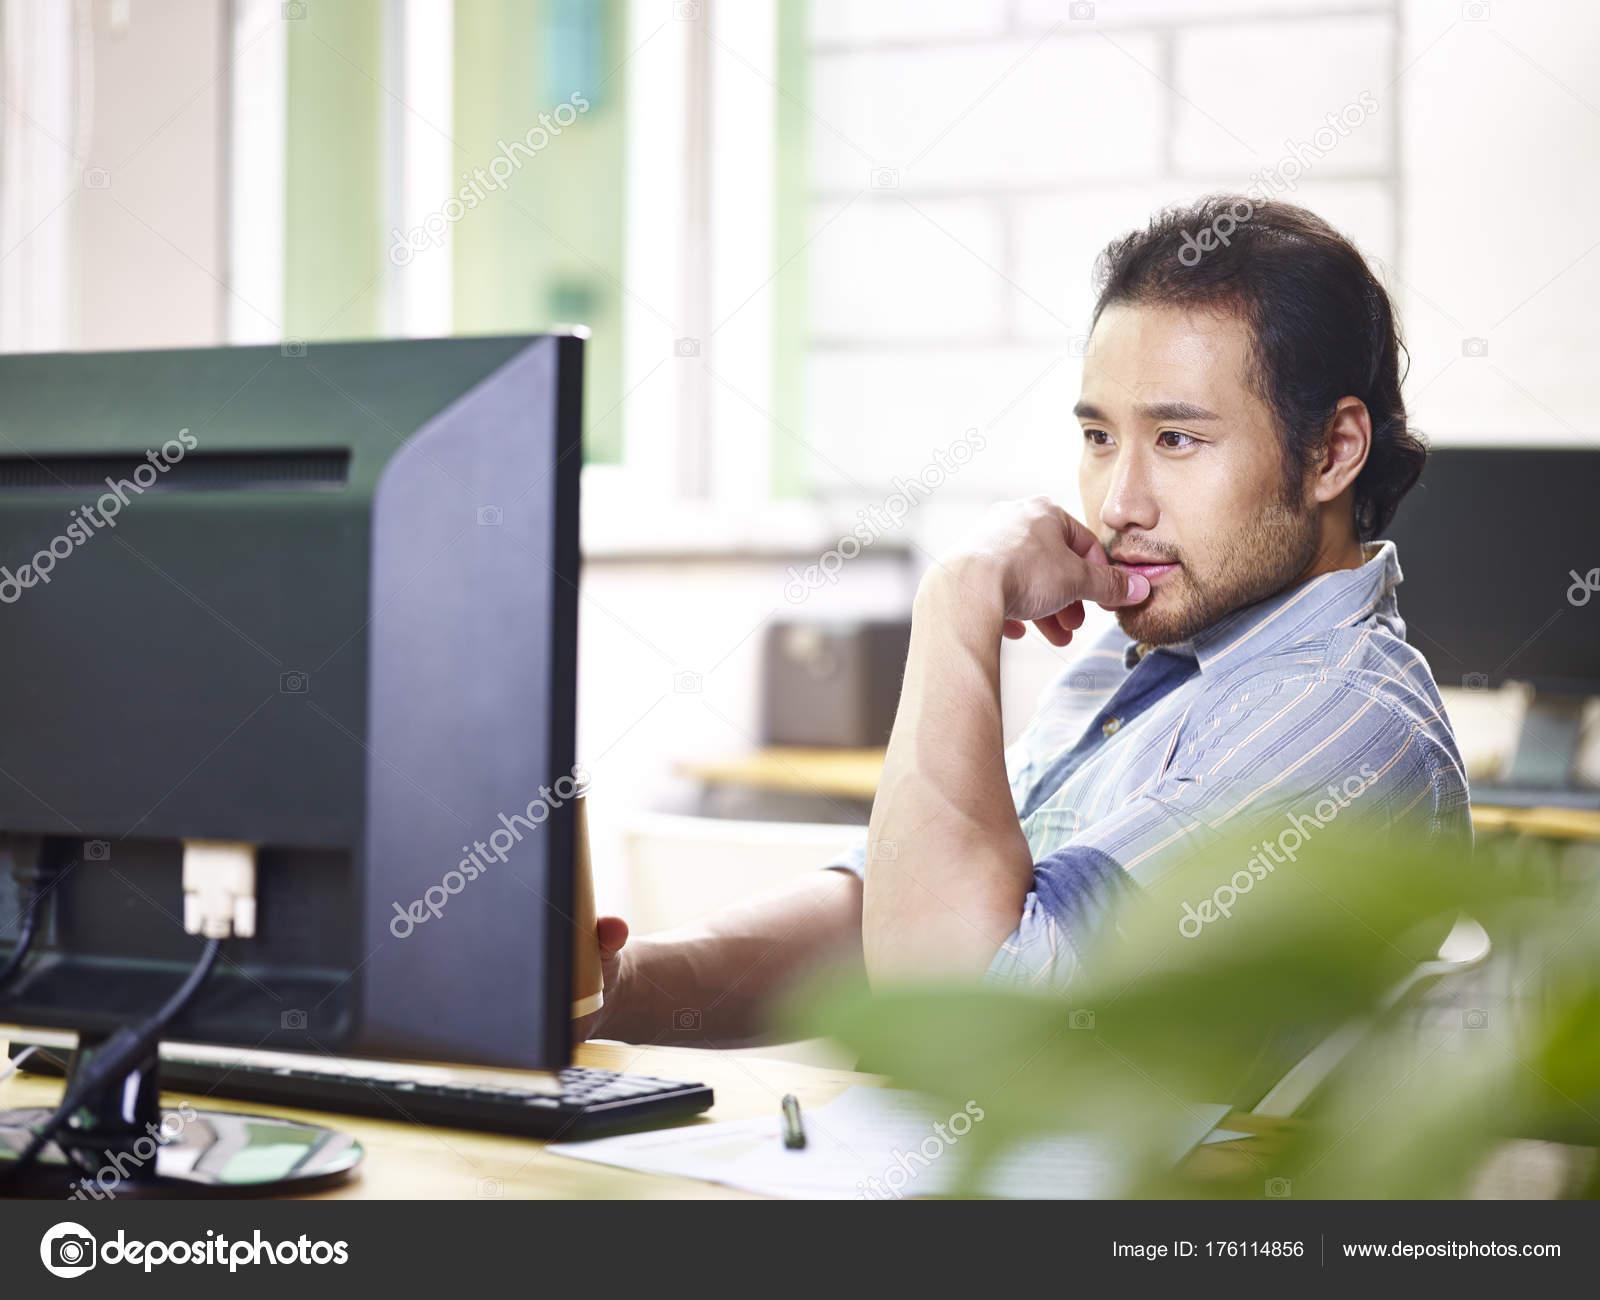 Abbigliamento Ufficio Uomo : Uomo d affari asiatico in abbigliamento casual che lavora nell